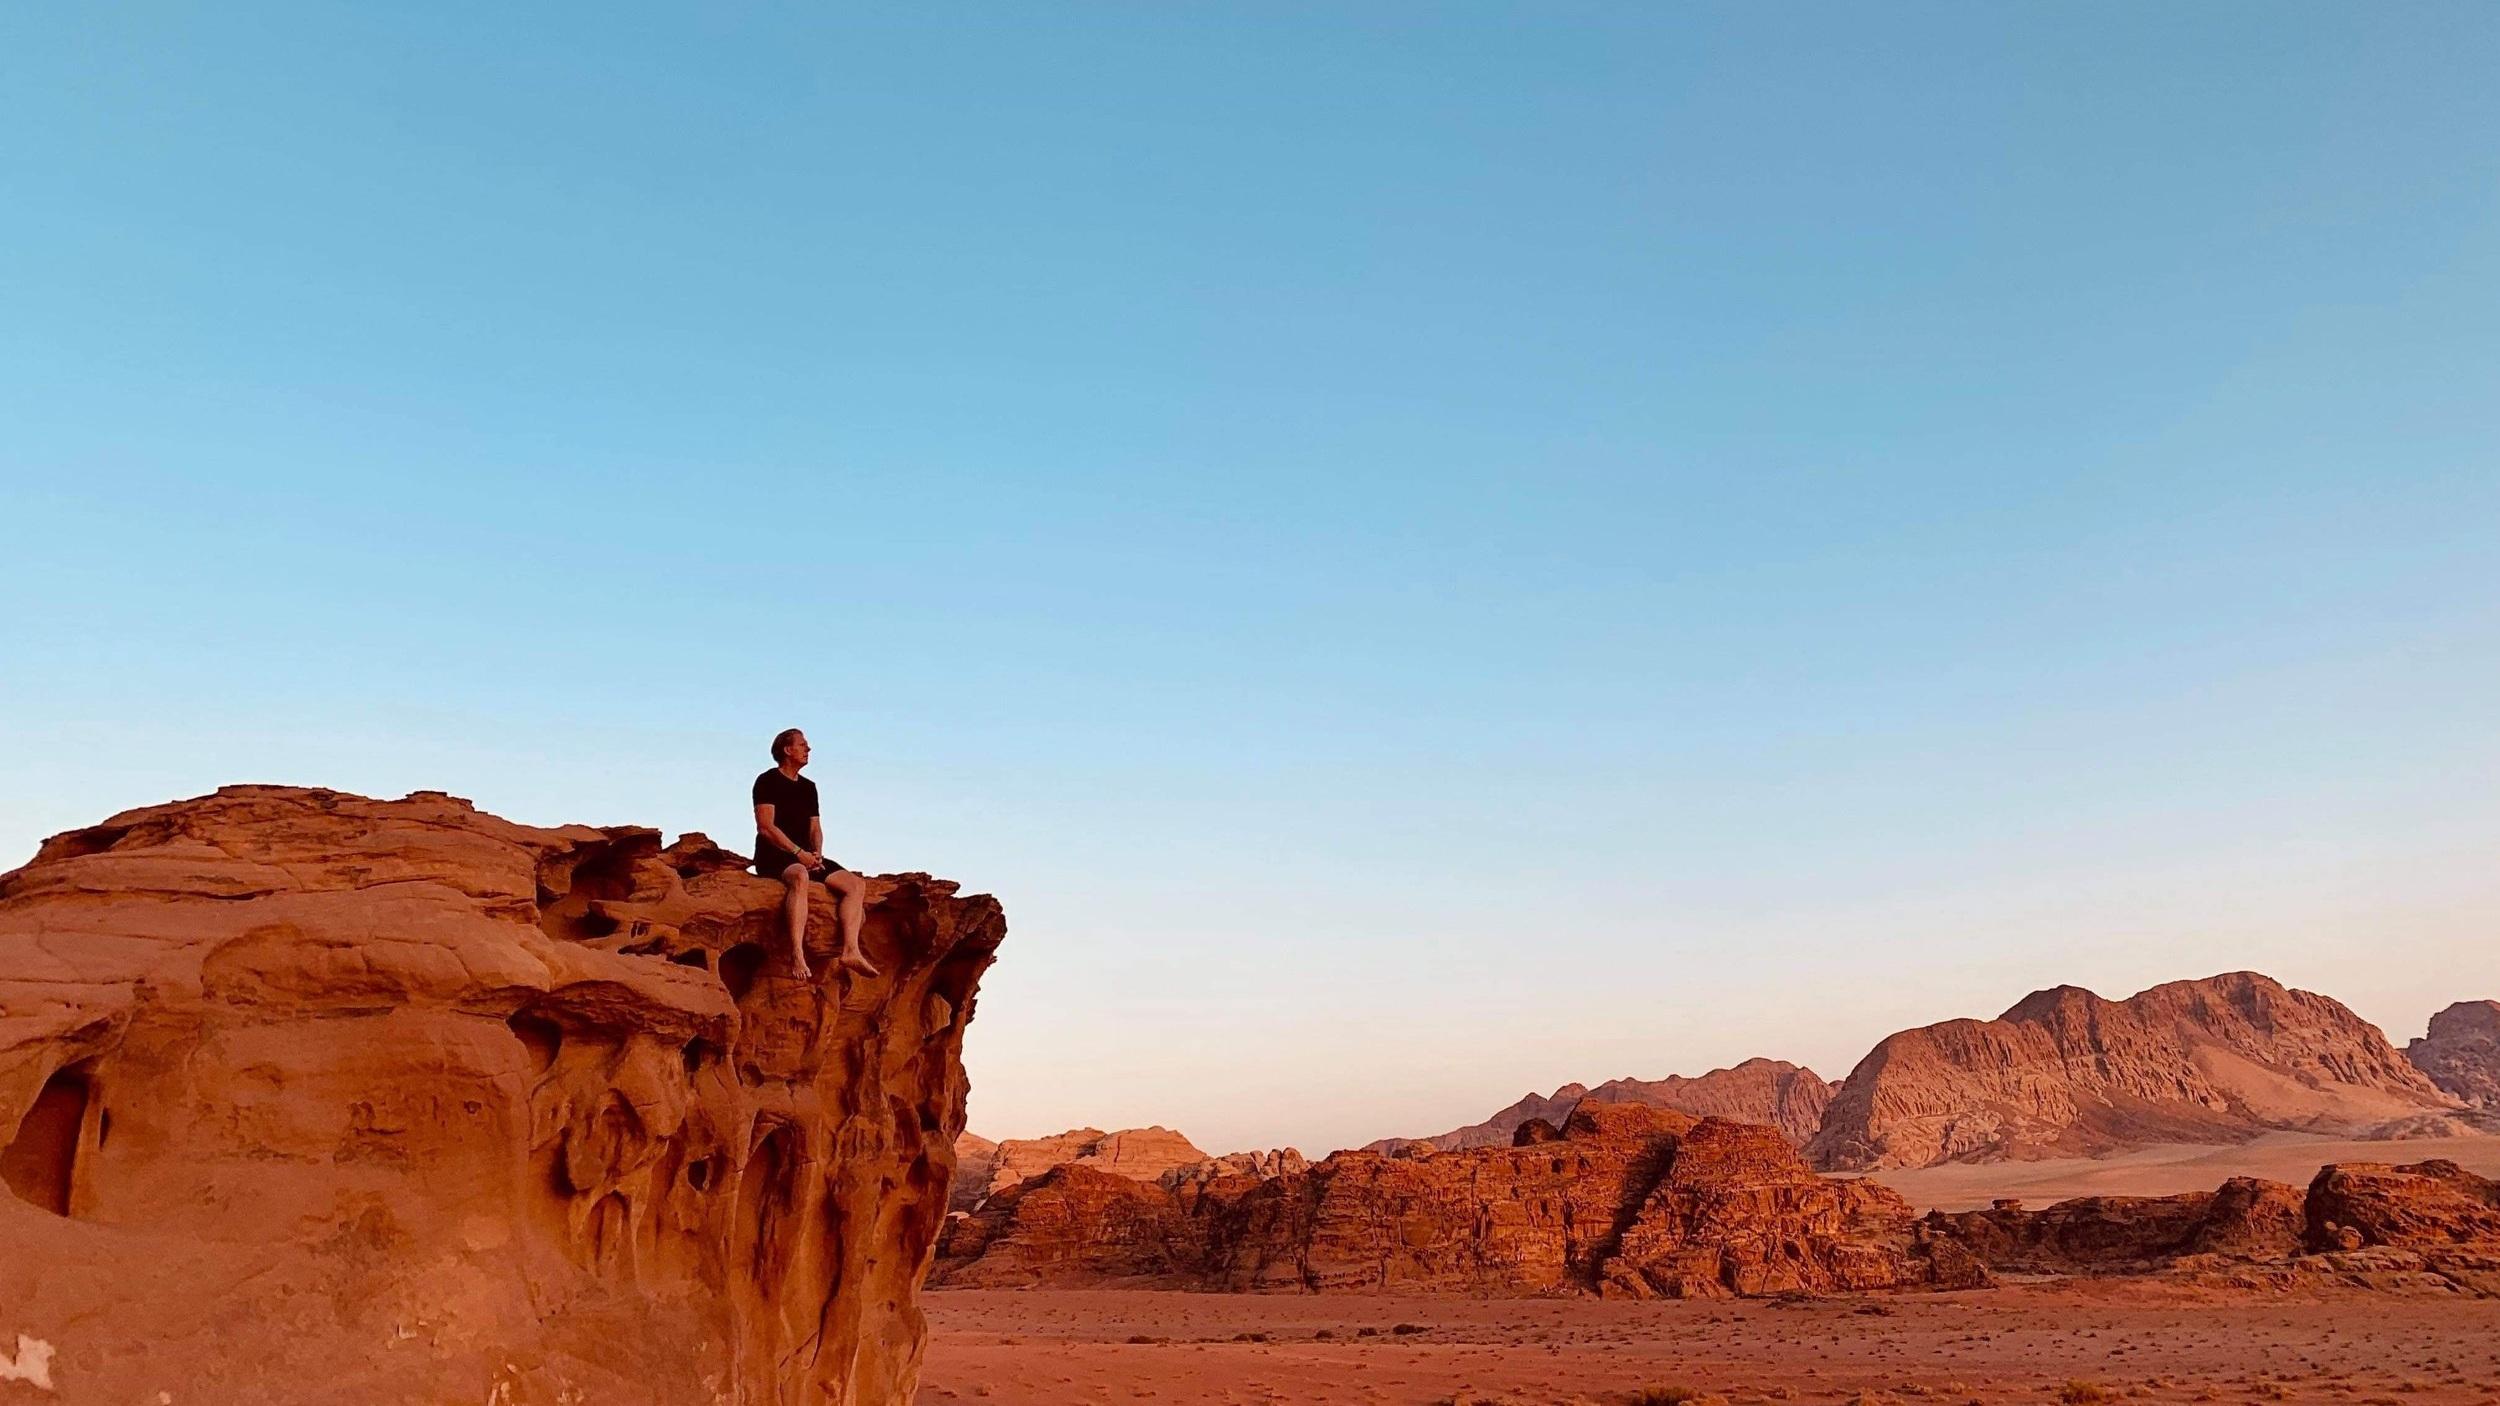 Digital-detox-in-the-desert